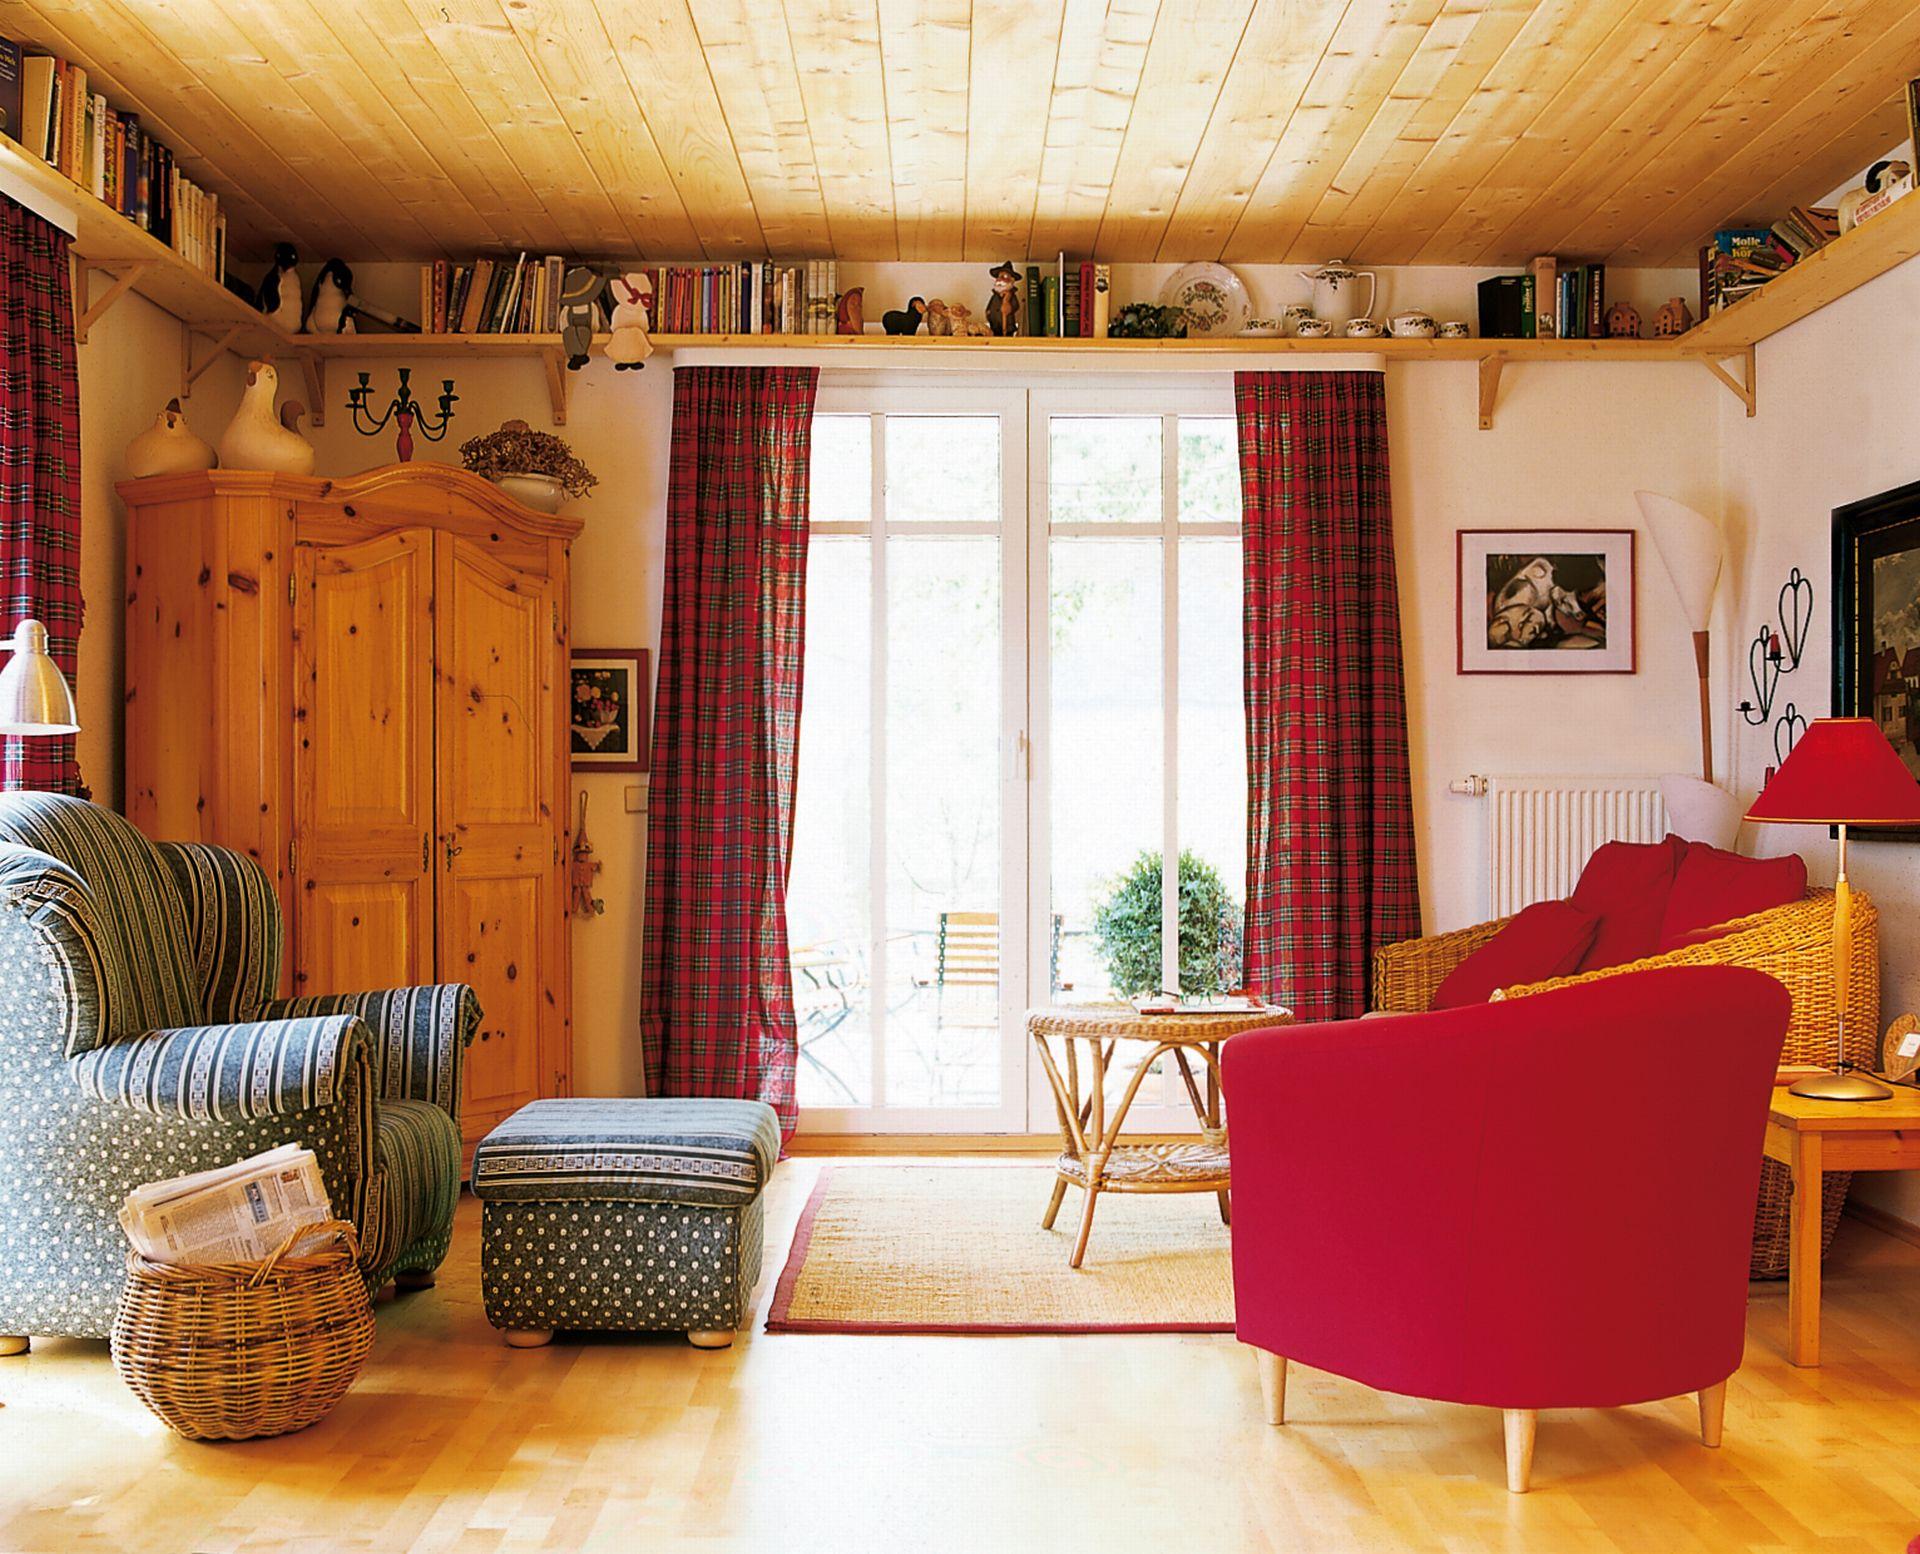 Living casei Simon construita de firma PLATZ. De remarcat ideea raftului suspendat deasupra tocului ferestrelor.